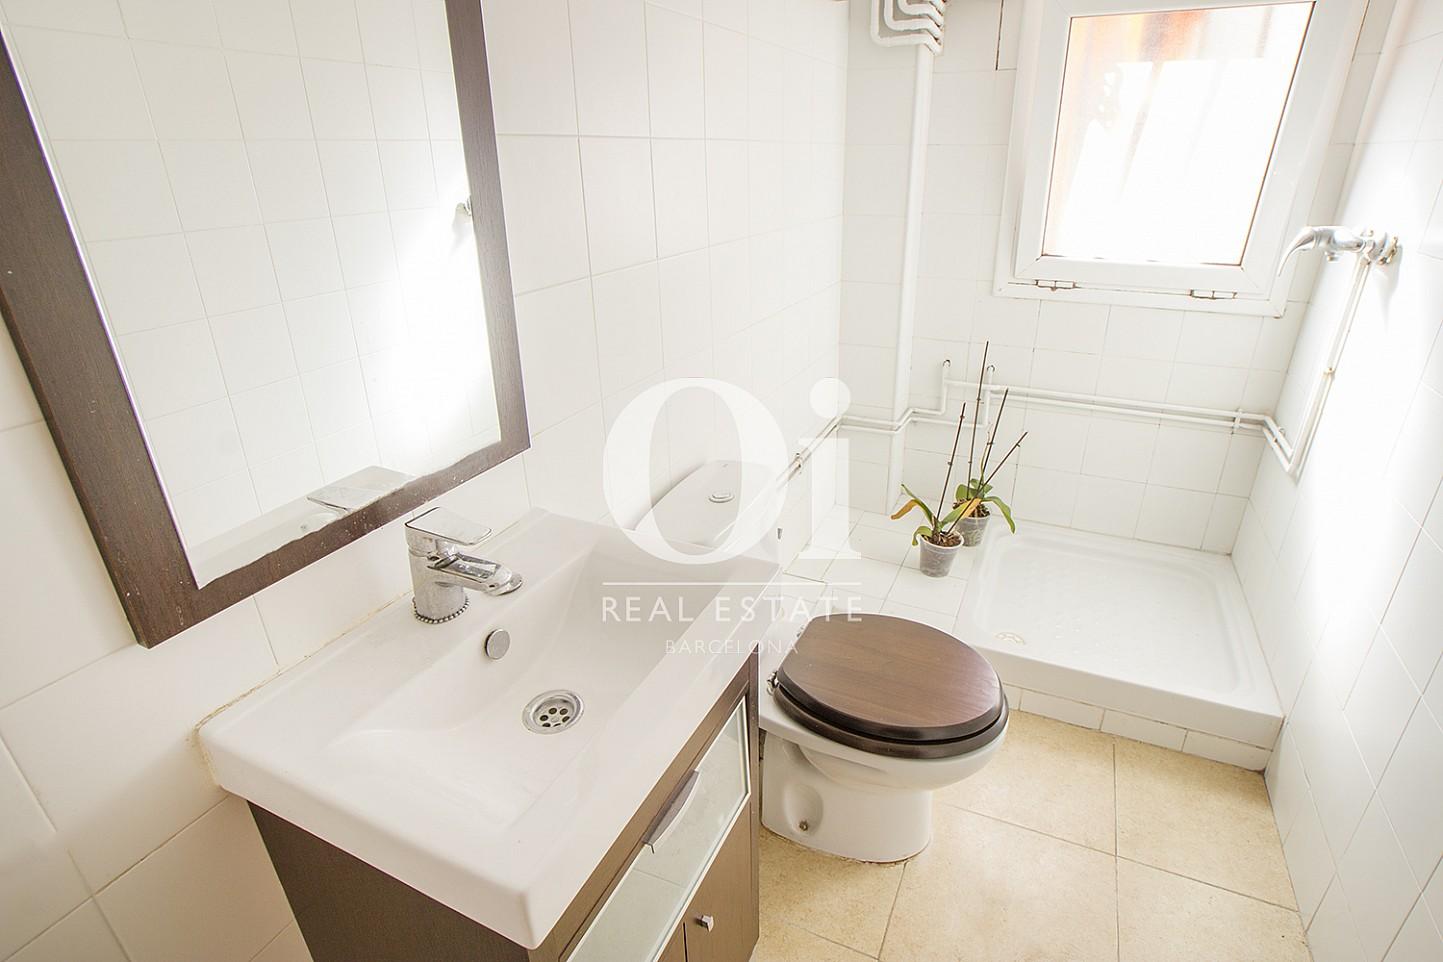 Baño de piso dúplex en venta en Poblenou, Barcelona